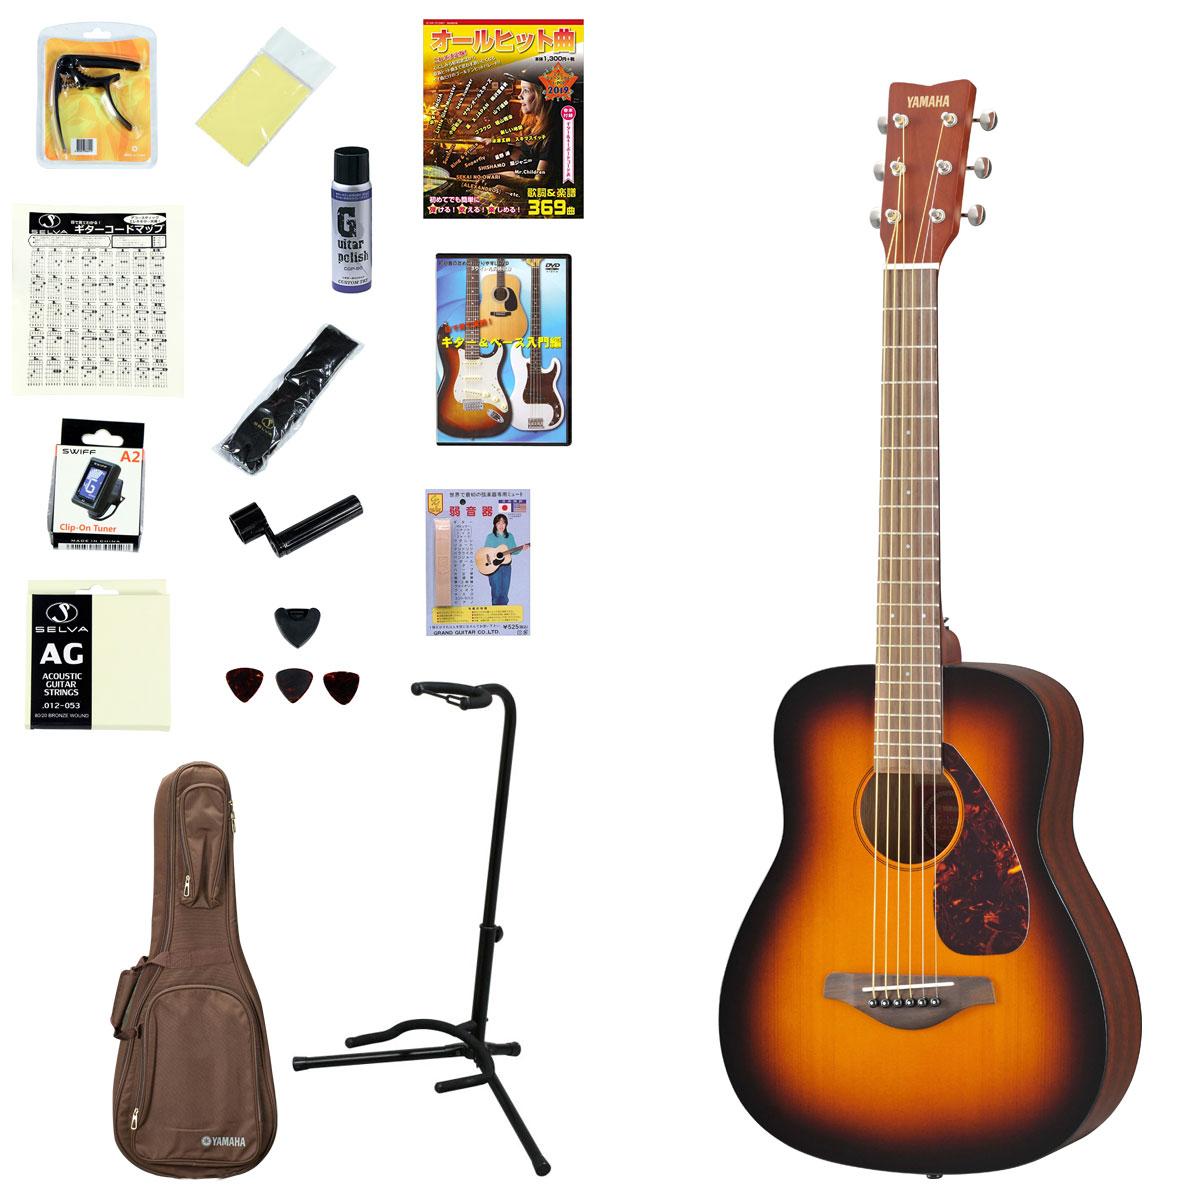 YAMAHA / JR2 TBS(タバコブラウンサンバースト) 【オールヒット曲歌本17点入門セット】【楽譜が付いたお買い得セット】 ヤマハ アコースティックギター アコギ JR-2【YRK】